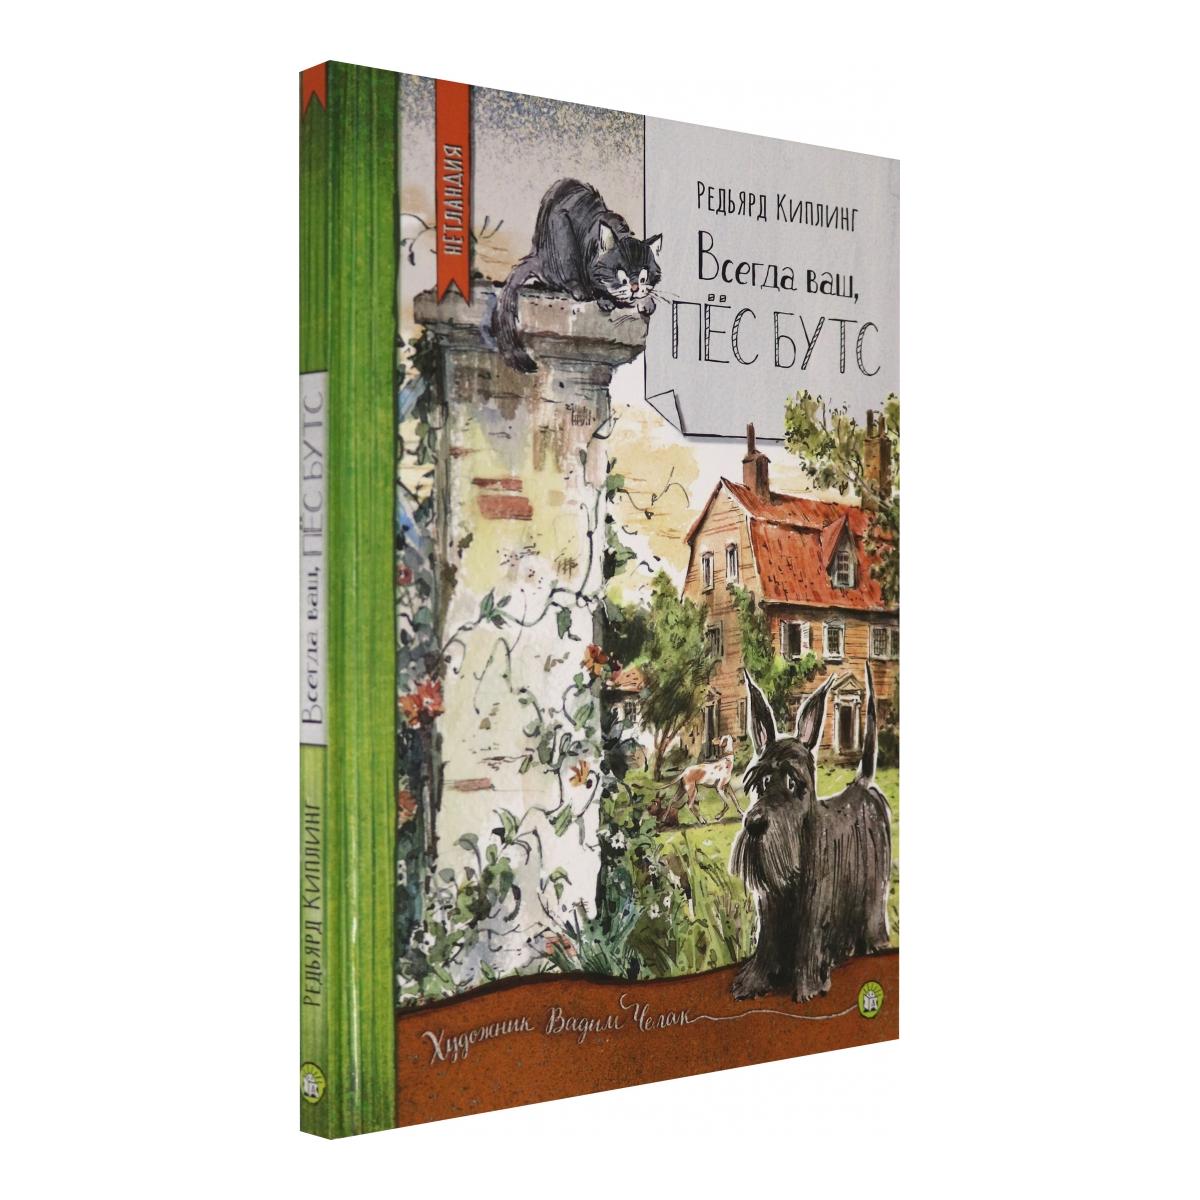 Купить Книга Лабиринт Всегда ваш, пес Бутс, Лабиринт Пресс,